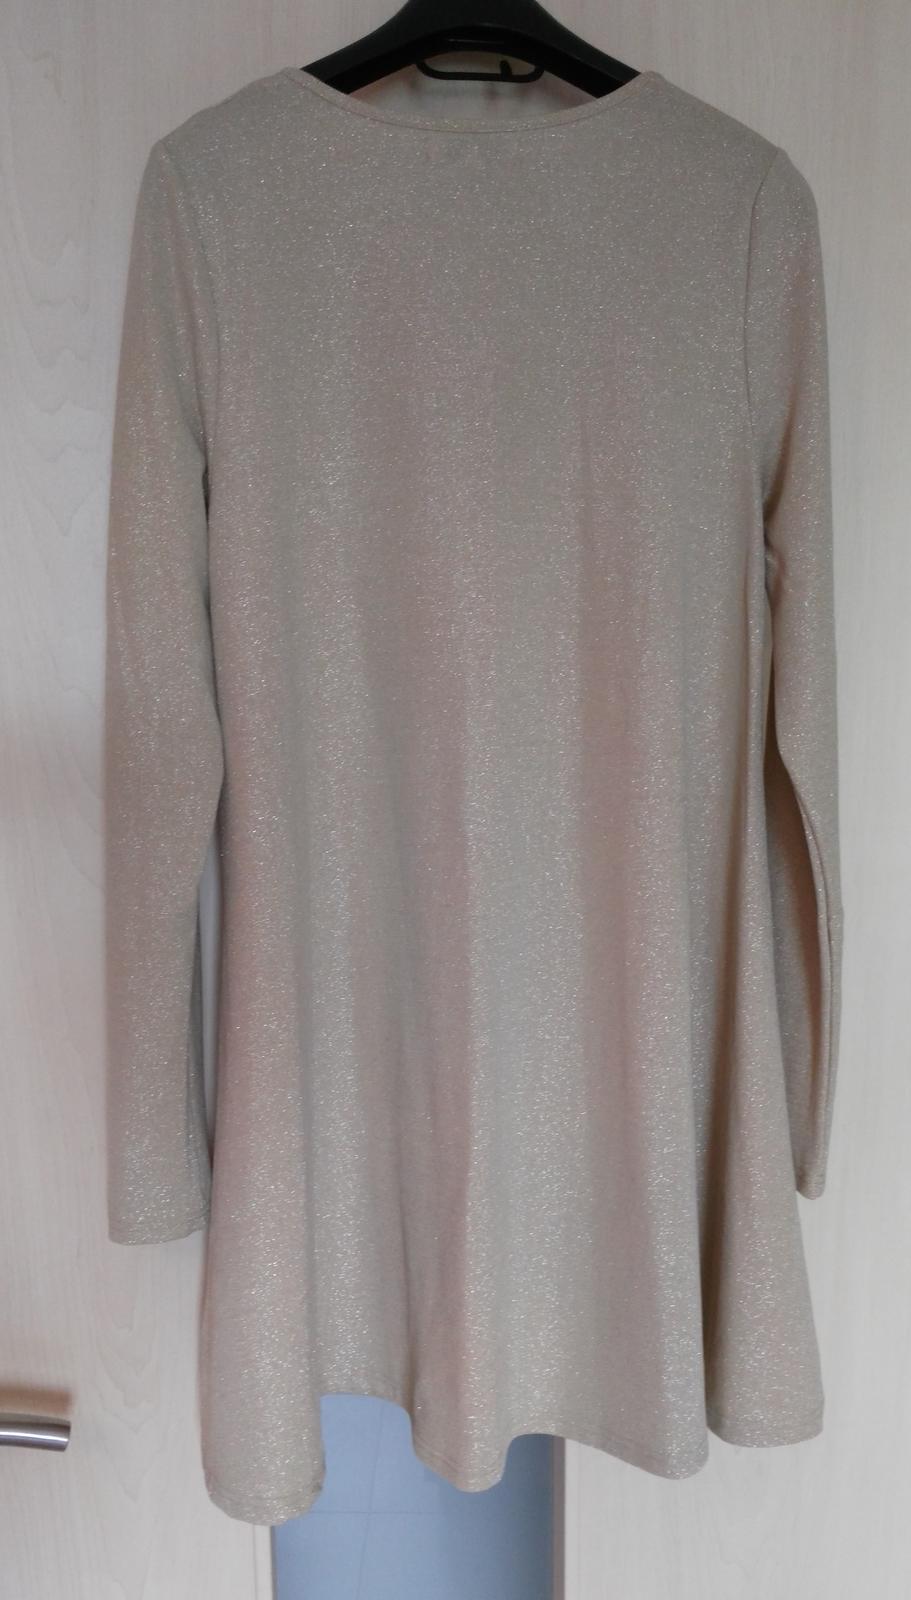 Béžovo-strieborné šaty 36/S - Obrázok č. 4